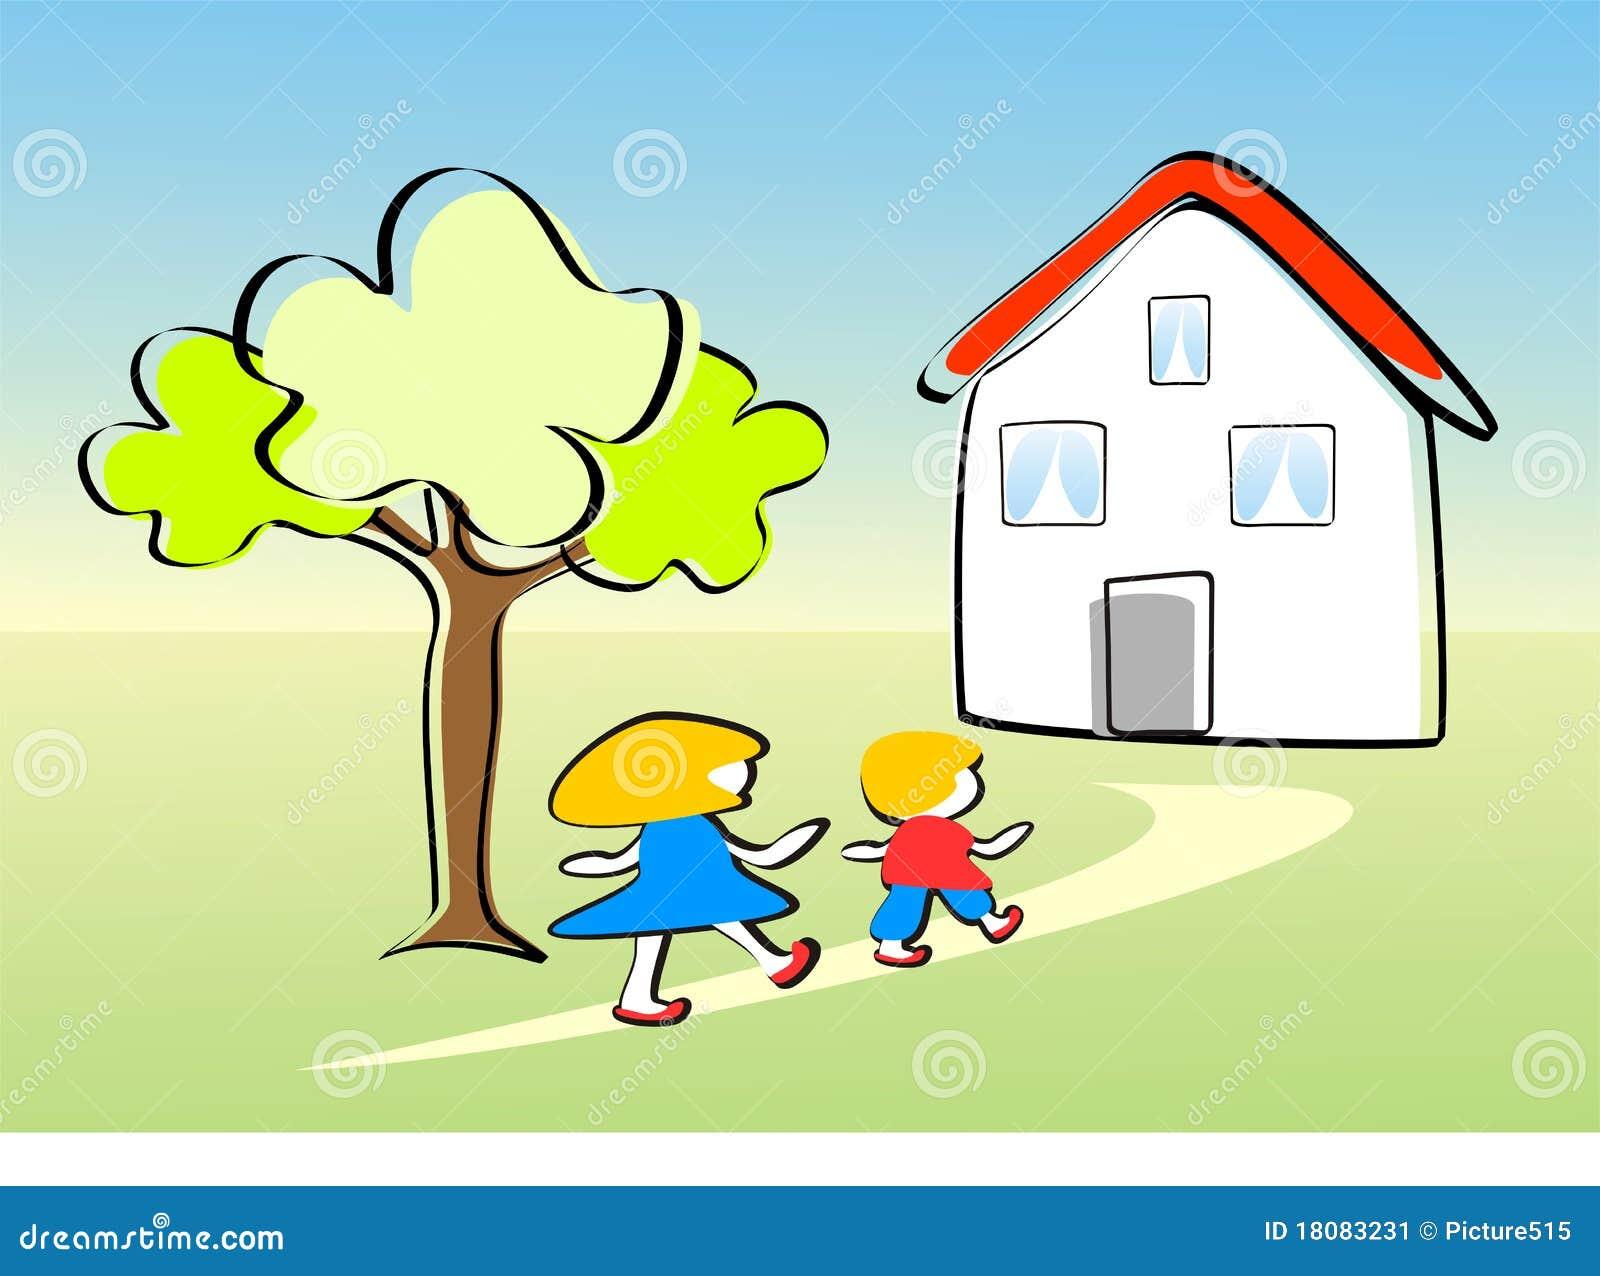 Les enfants rentrent la maison heureux image stock for Les concepteurs de la maison com